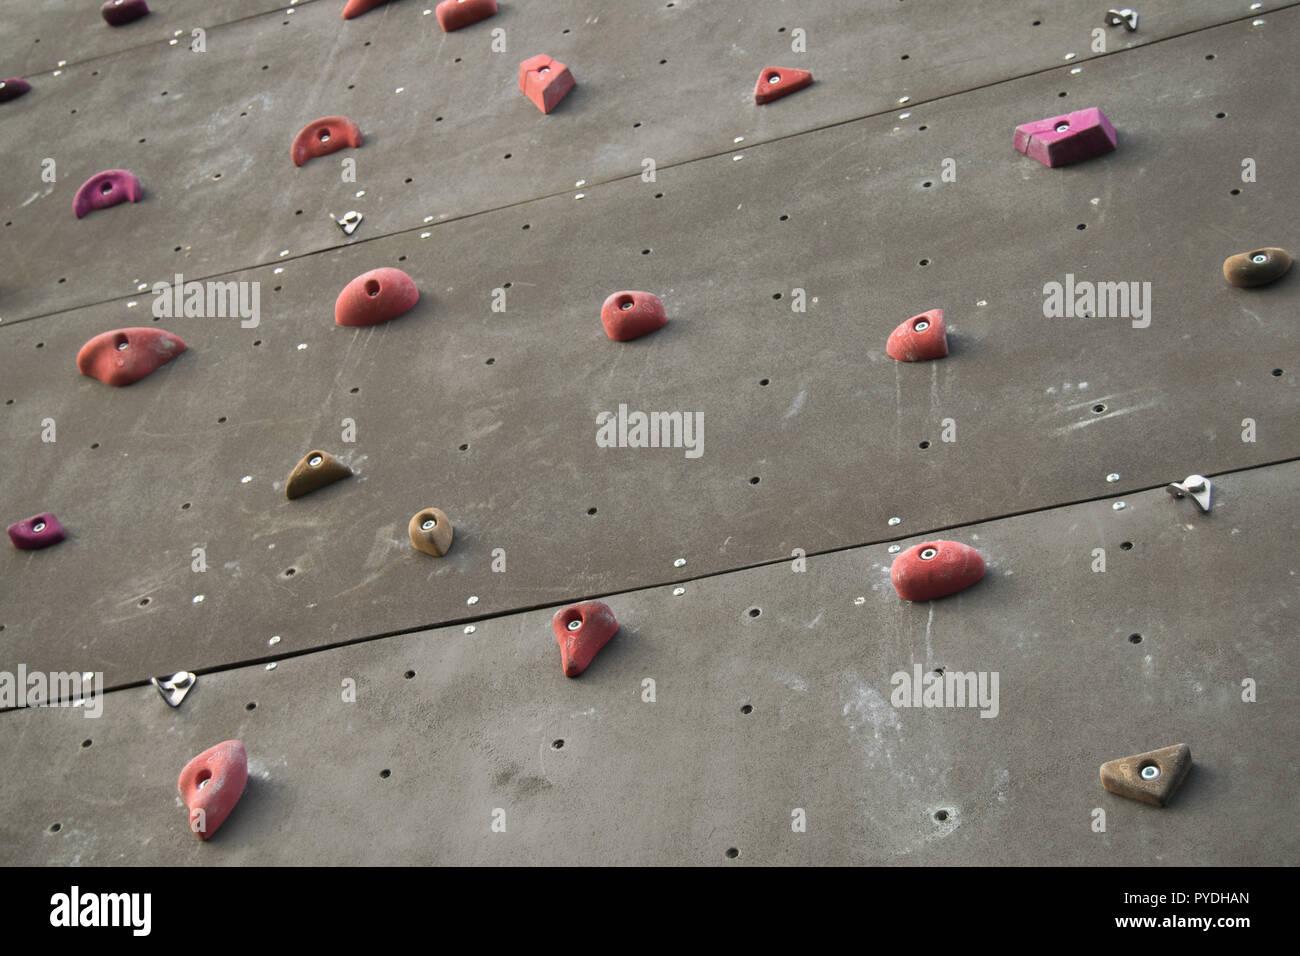 Outdroo Climbing wall in parque desportivo da rodovia, Braga city of Portugal - Stock Image